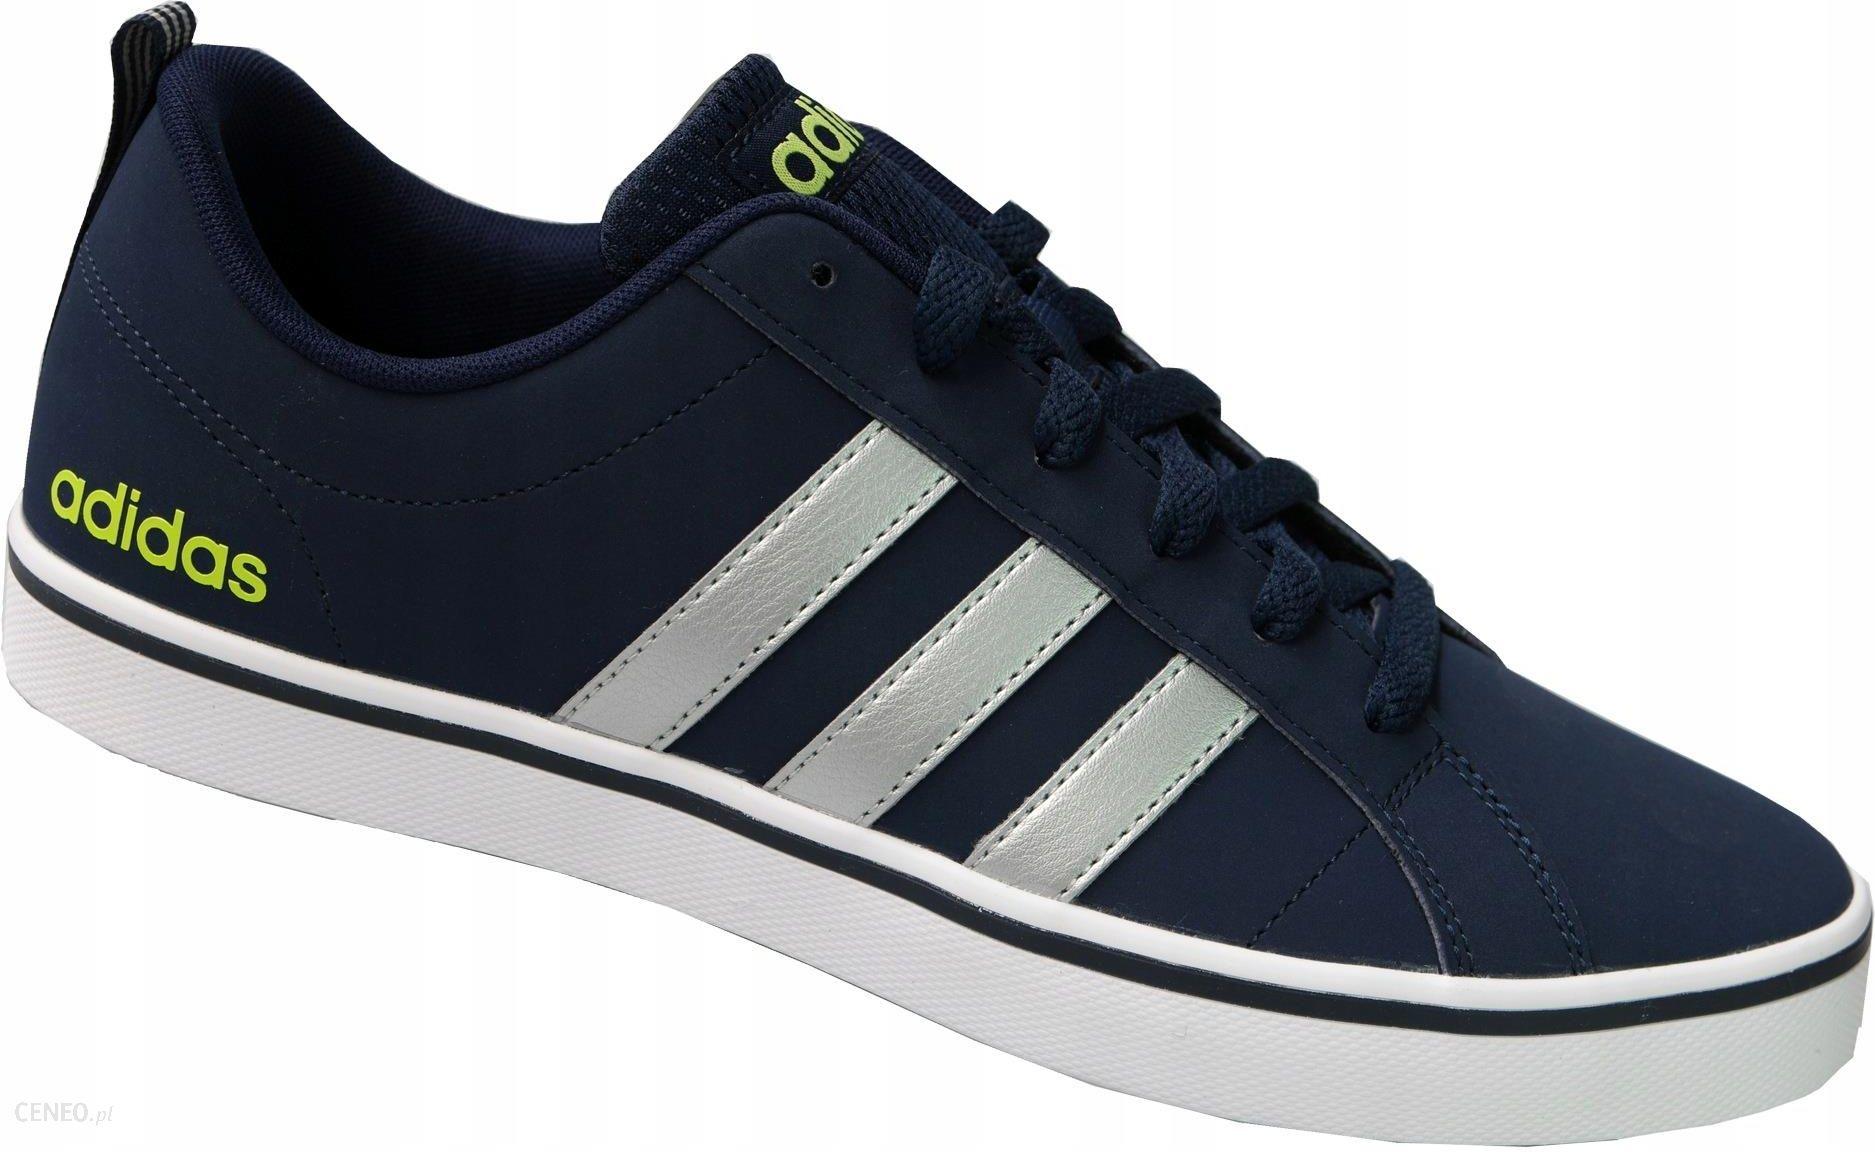 Adidas Vs Pace F99616 Rozmiar 44 Ceny i opinie Ceneo.pl